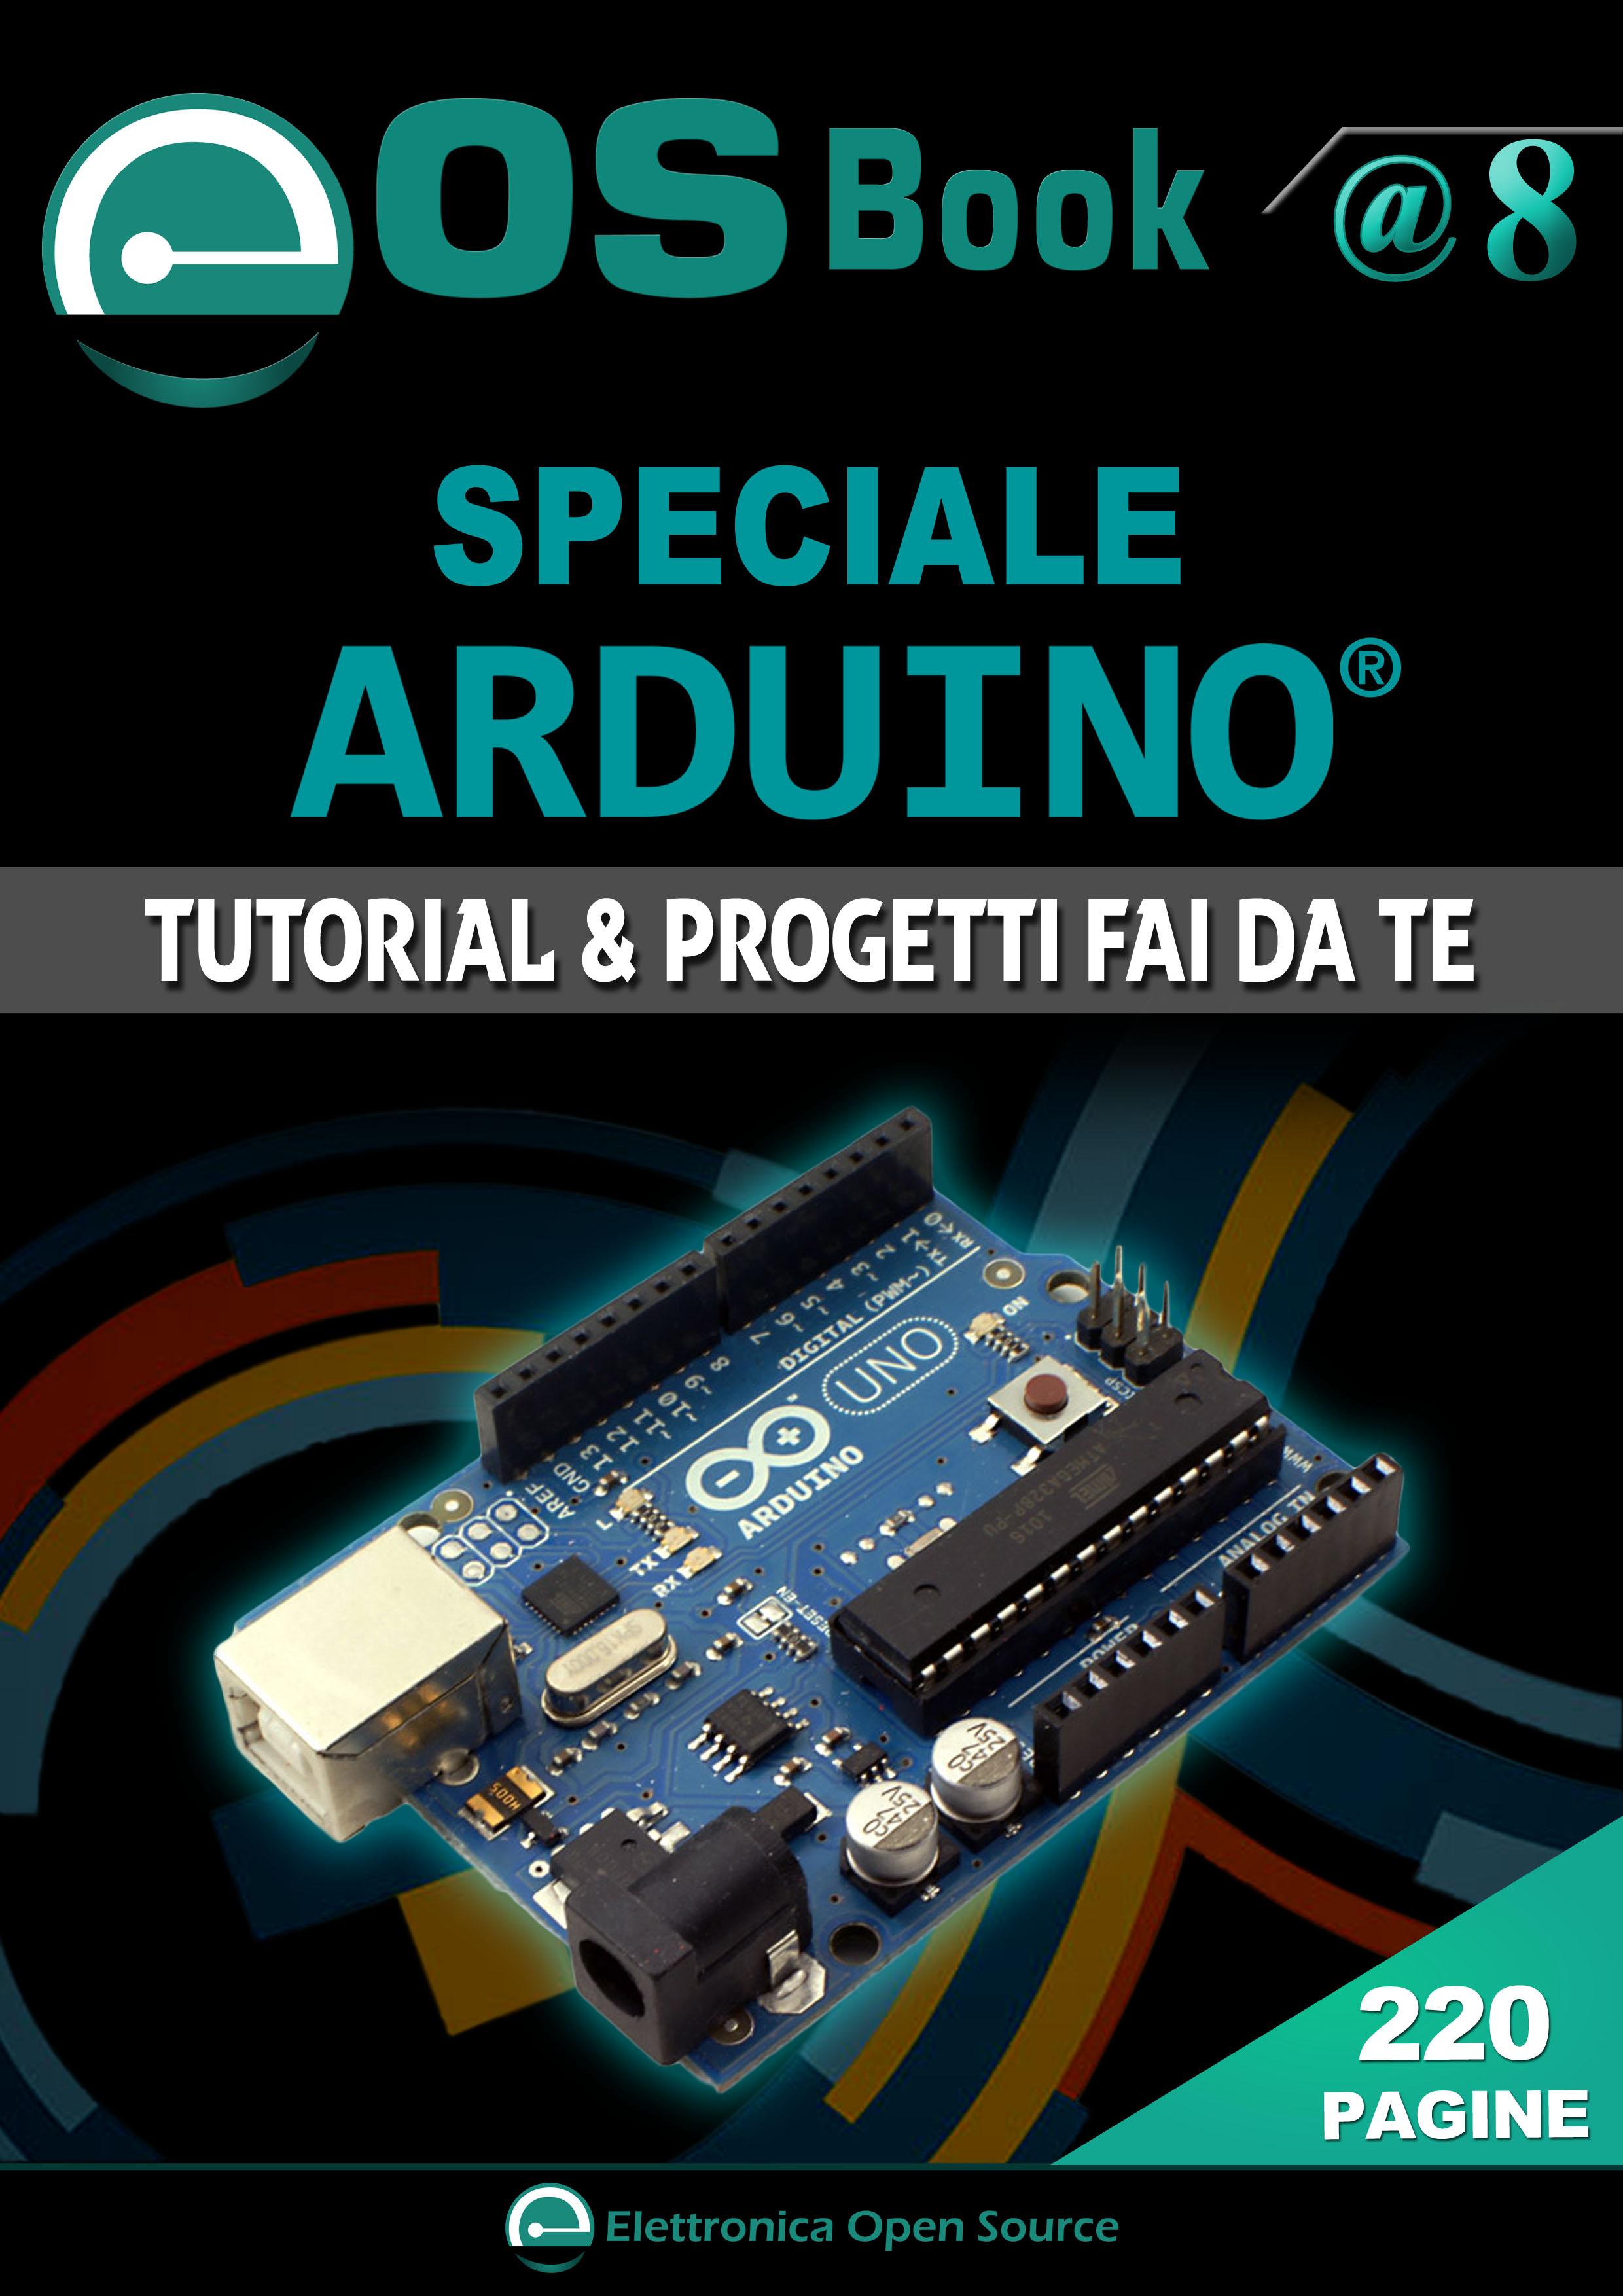 Eos book speciale arduino in omaggio elettronica open